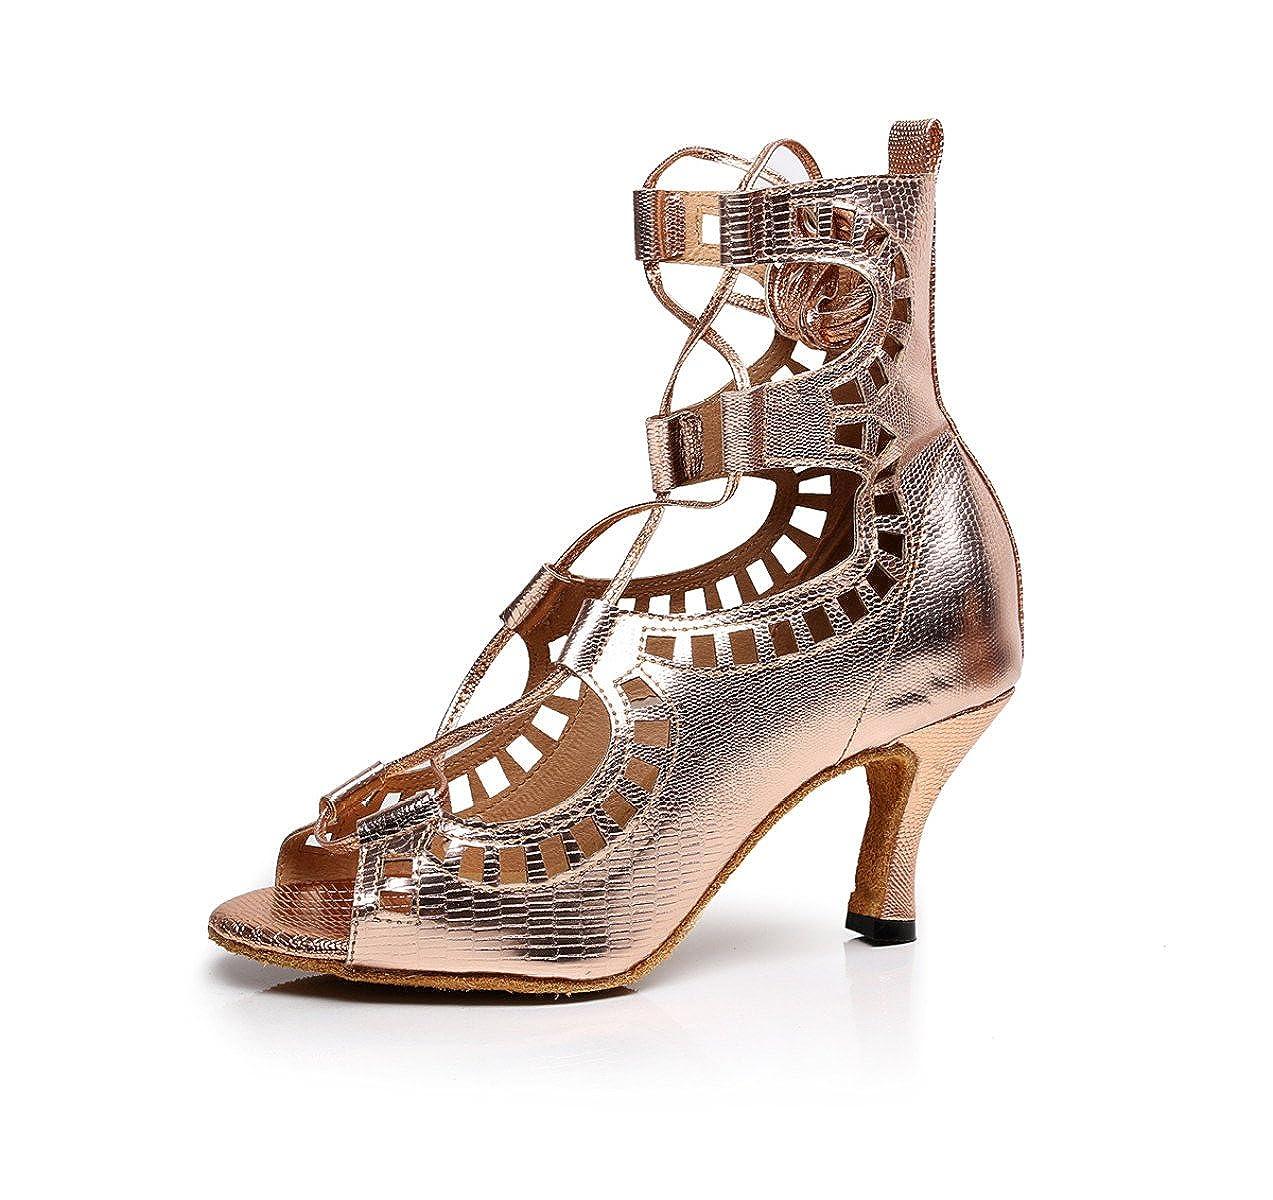 JSHOE 19997 Chaussures De De Sandales Danse Salsa Latine PU/Tango/Thé/Samba/Moderne/Chaussures De Jazz Sandales Talons Hauts,Gold-heeled6cm-UK6.5/EU40/Our41 - bd4a14a - shopssong.space